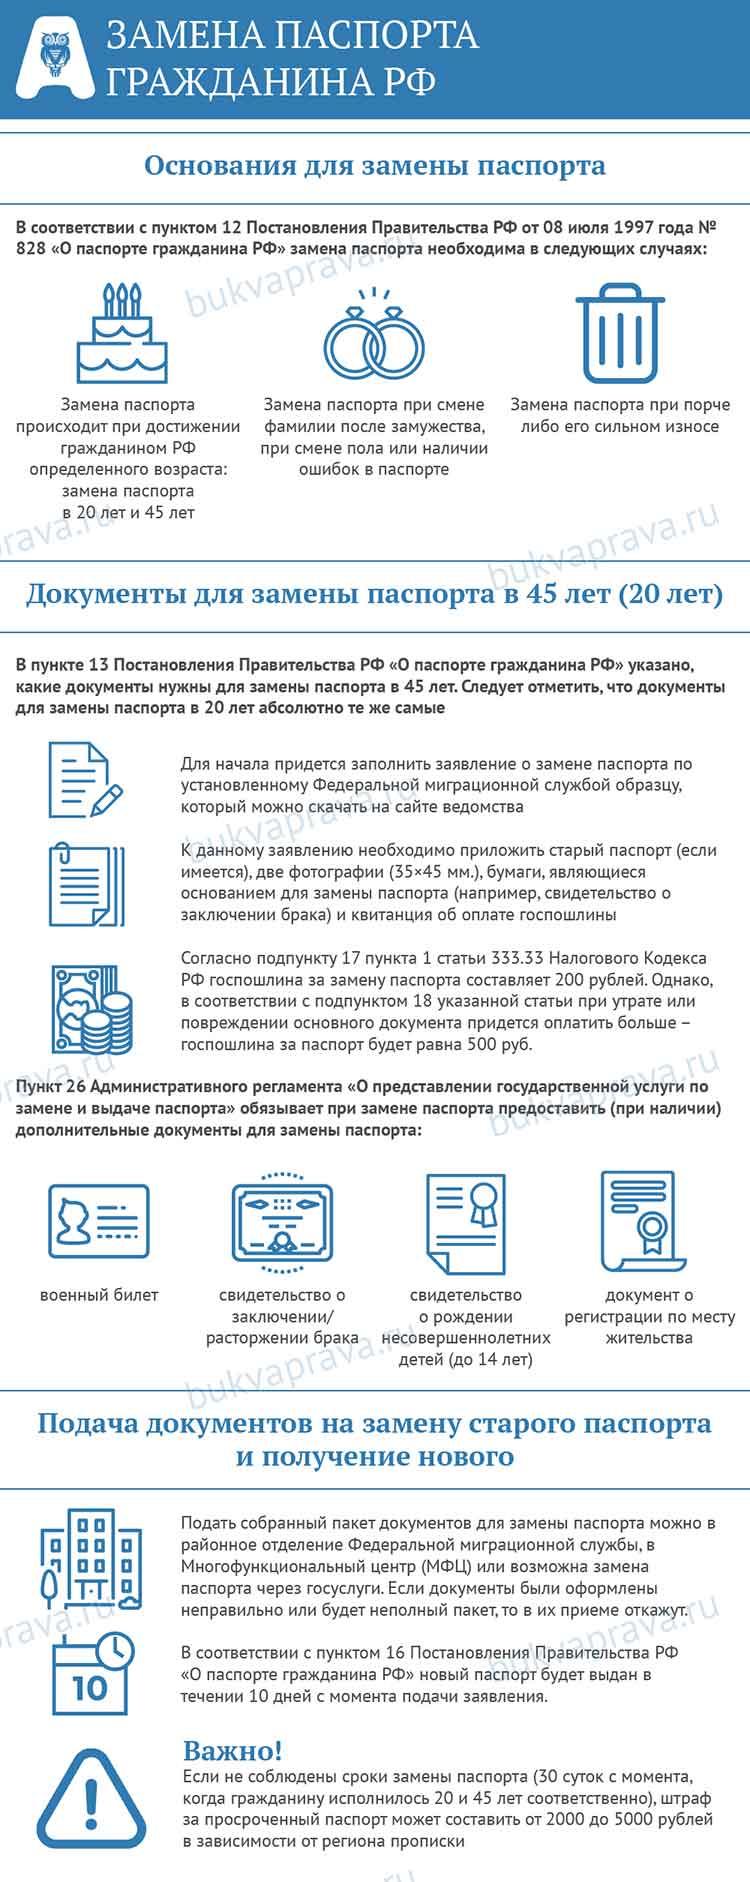 Как получить временное удостоверение личности при замене паспорта в беларуси